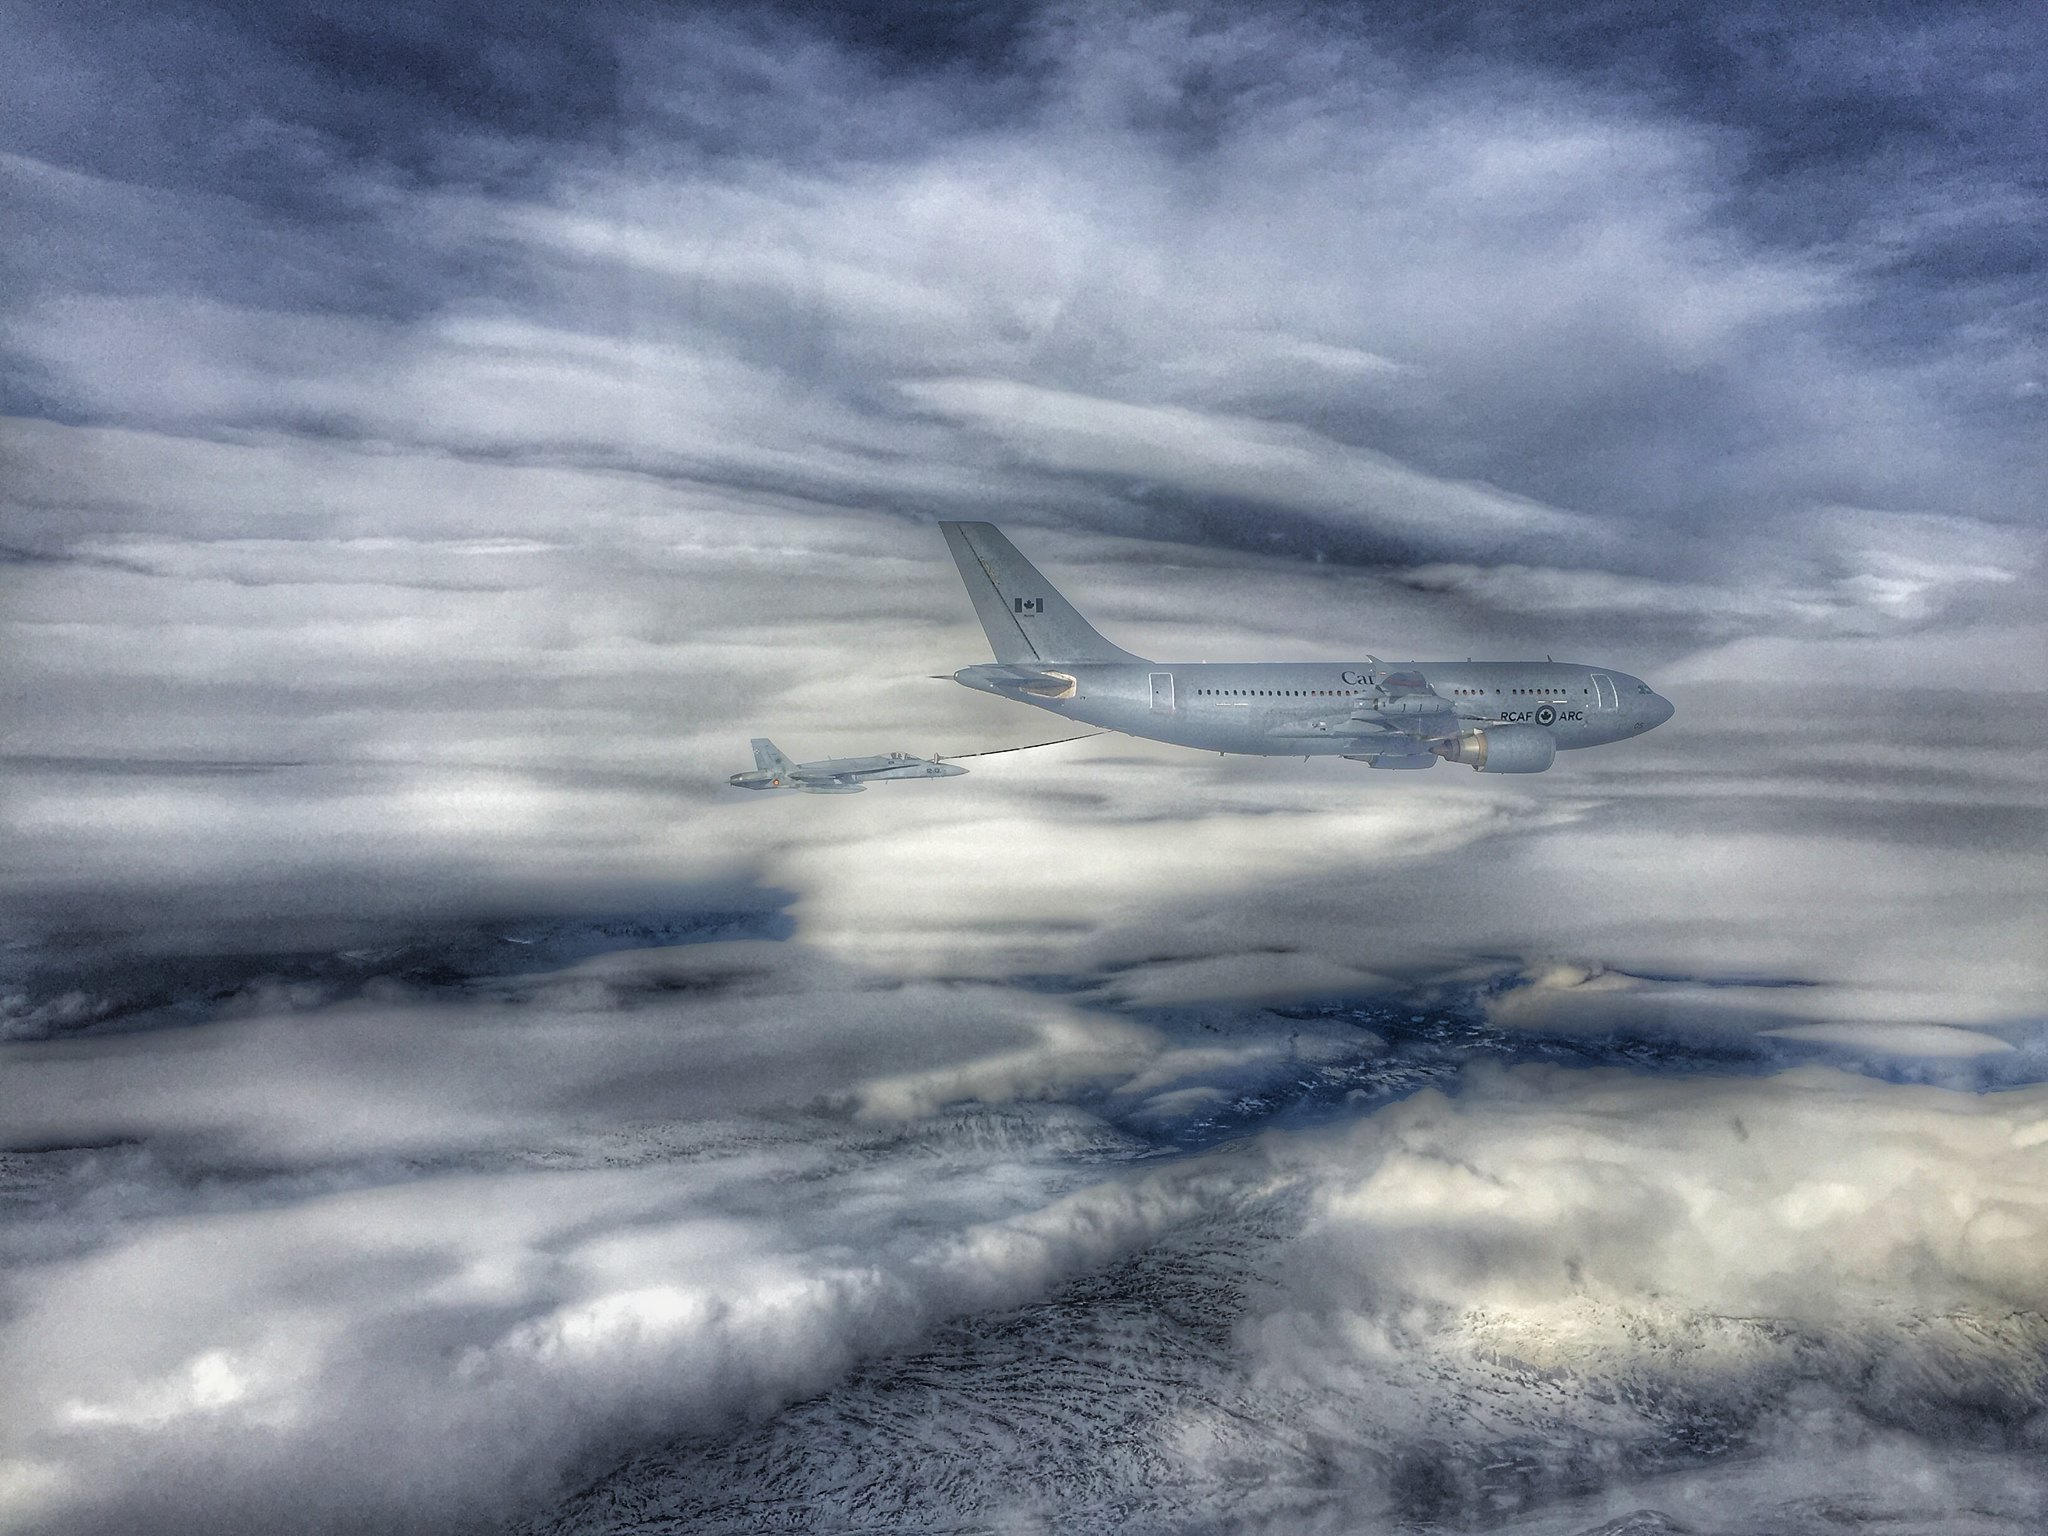 Reabastecimiento en vuelo desde un Hércules canadiense